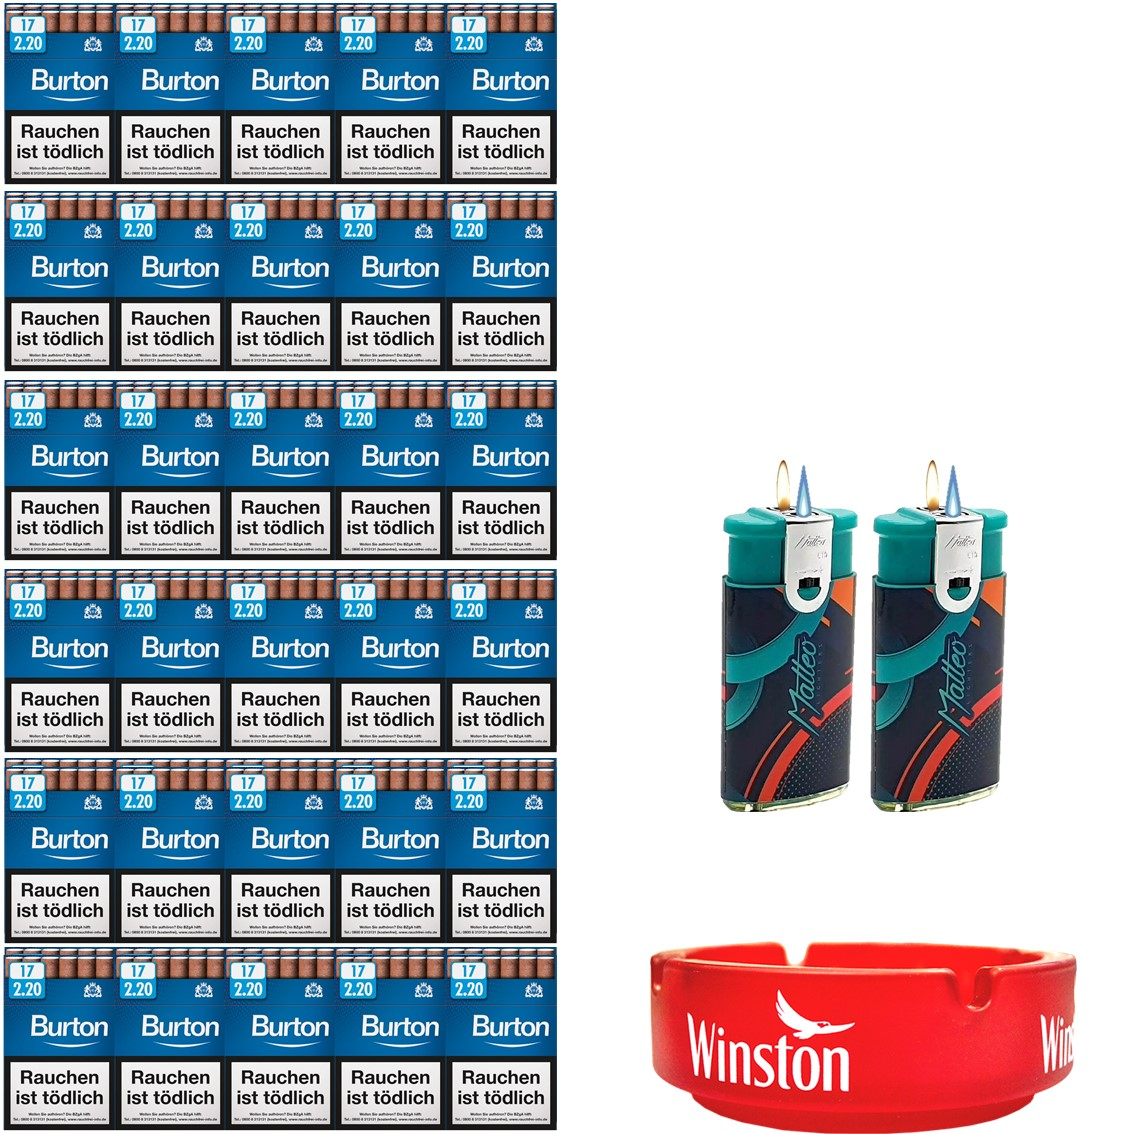 Burton Blue Zigarillos mit Filter (6 Stangen) 60 x 17 Stück